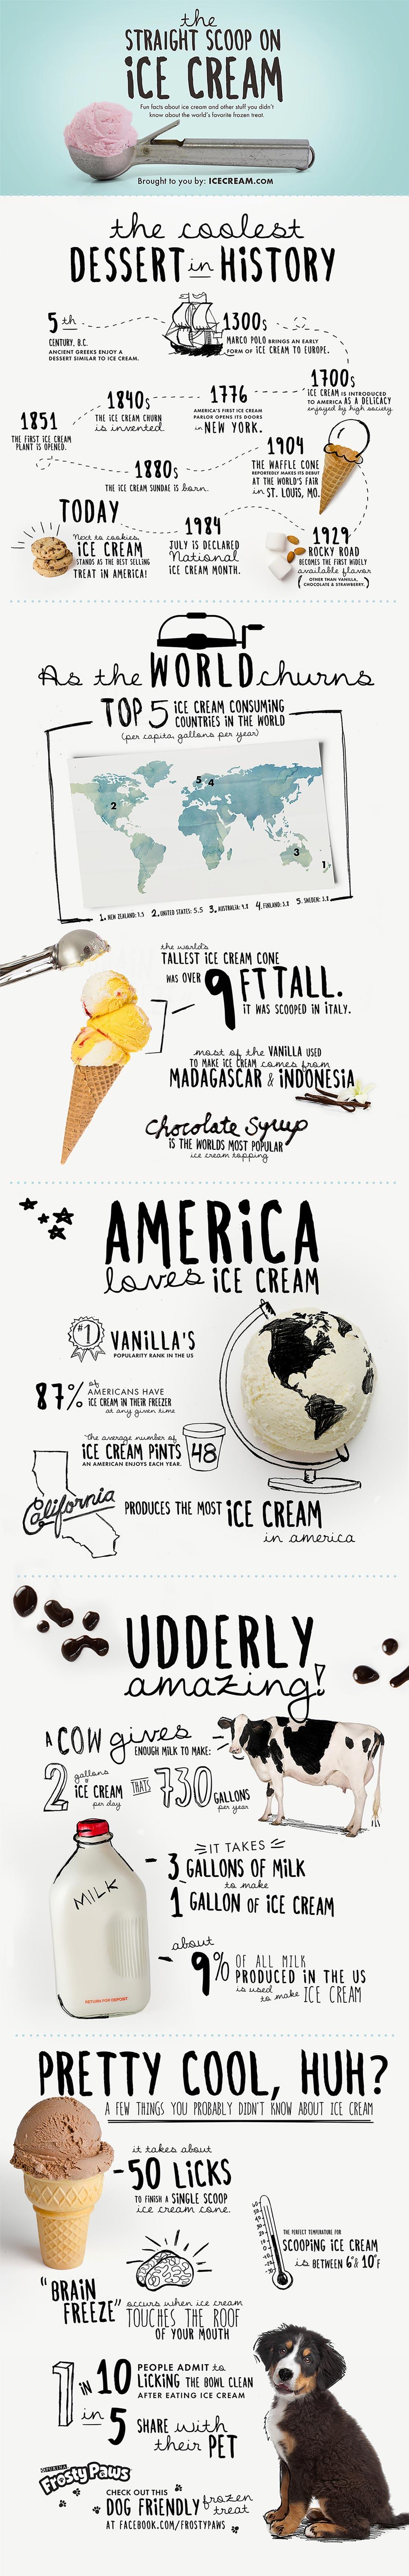 Infographic ijs, wie lust dat niet?